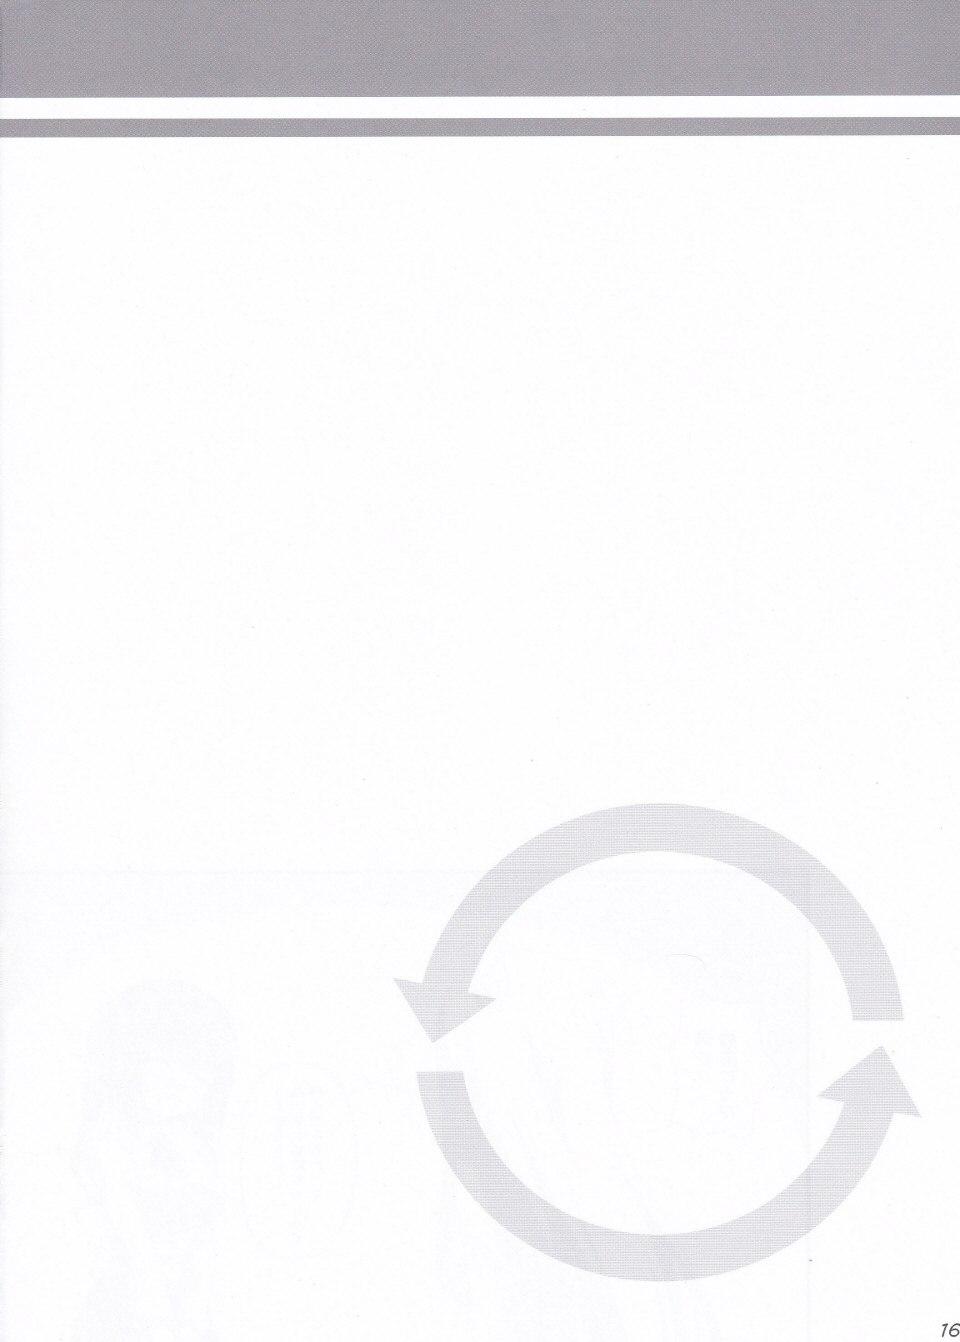 【エロ漫画】ツインテールでJKとは思えない巨乳おっぱいのの海老名菜々ちゃんが妹待ってる間に寝ちゃっておっぱい舐められて